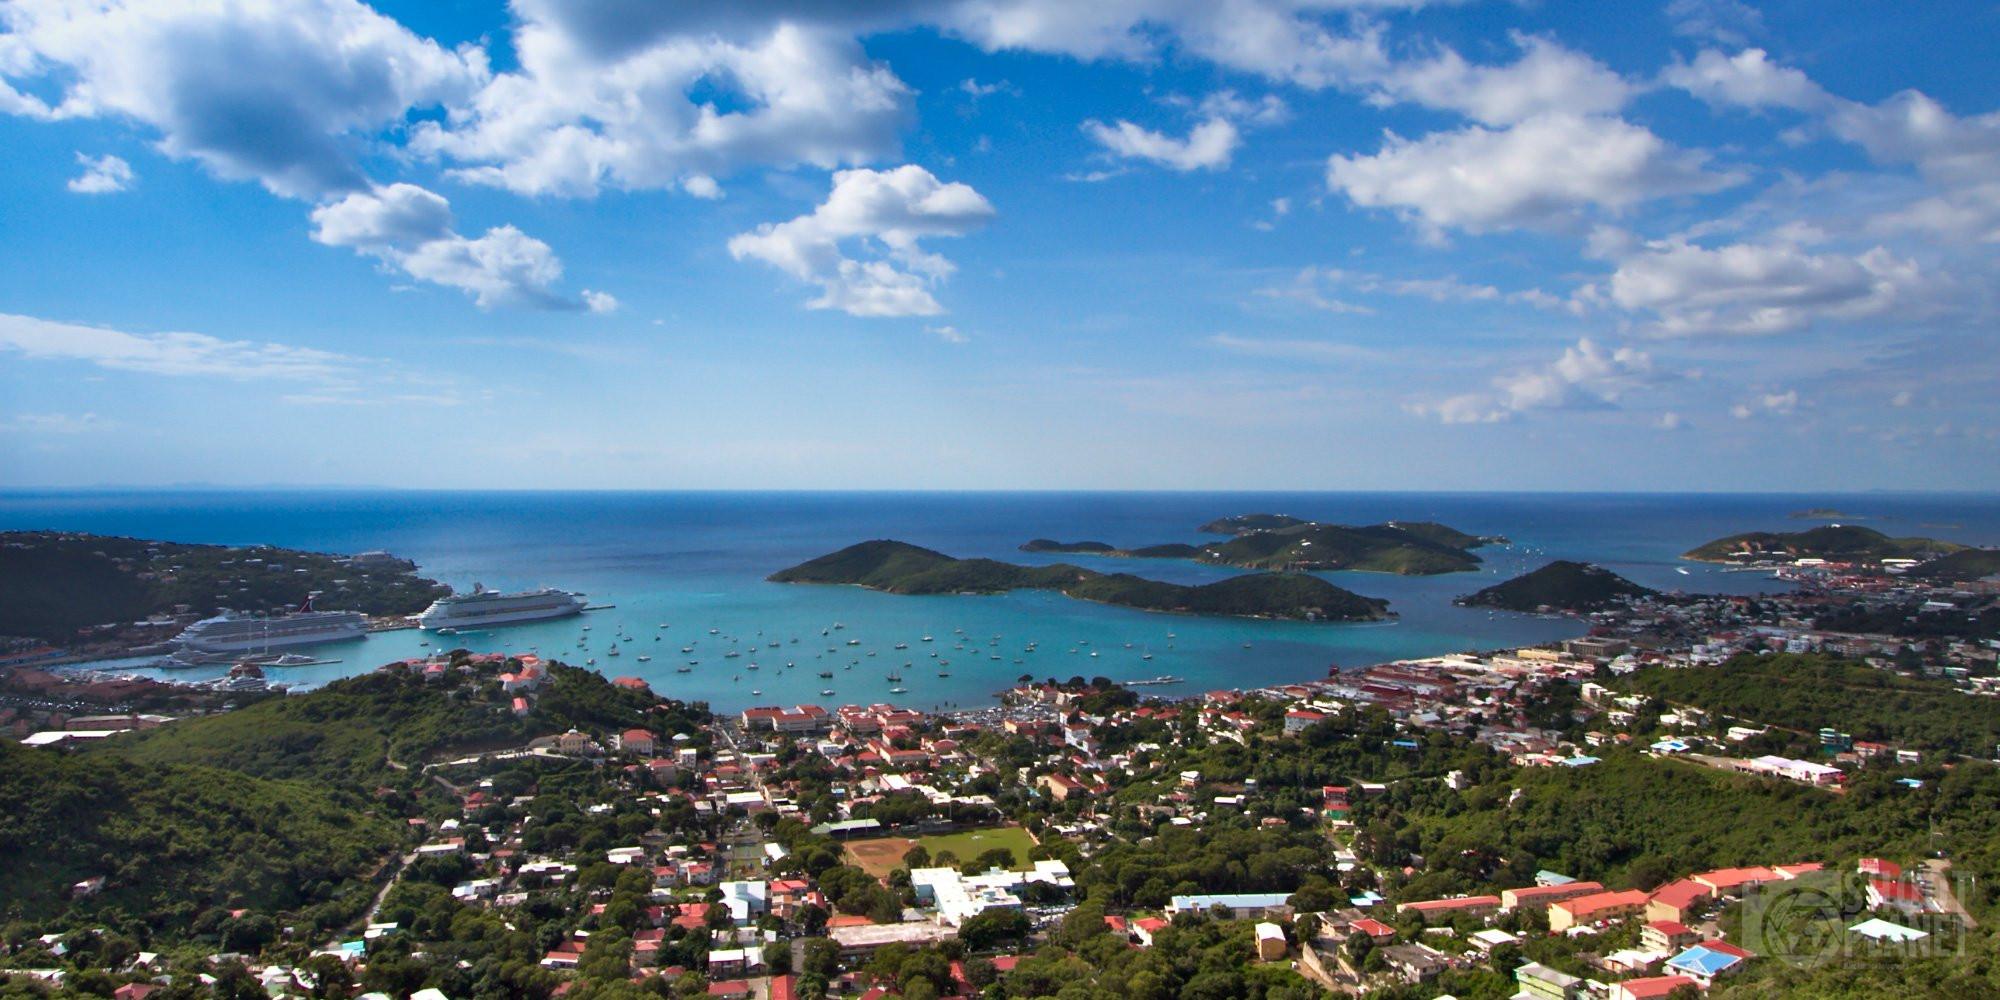 Saint Thomas Virgin Island aerial view, Caribbean